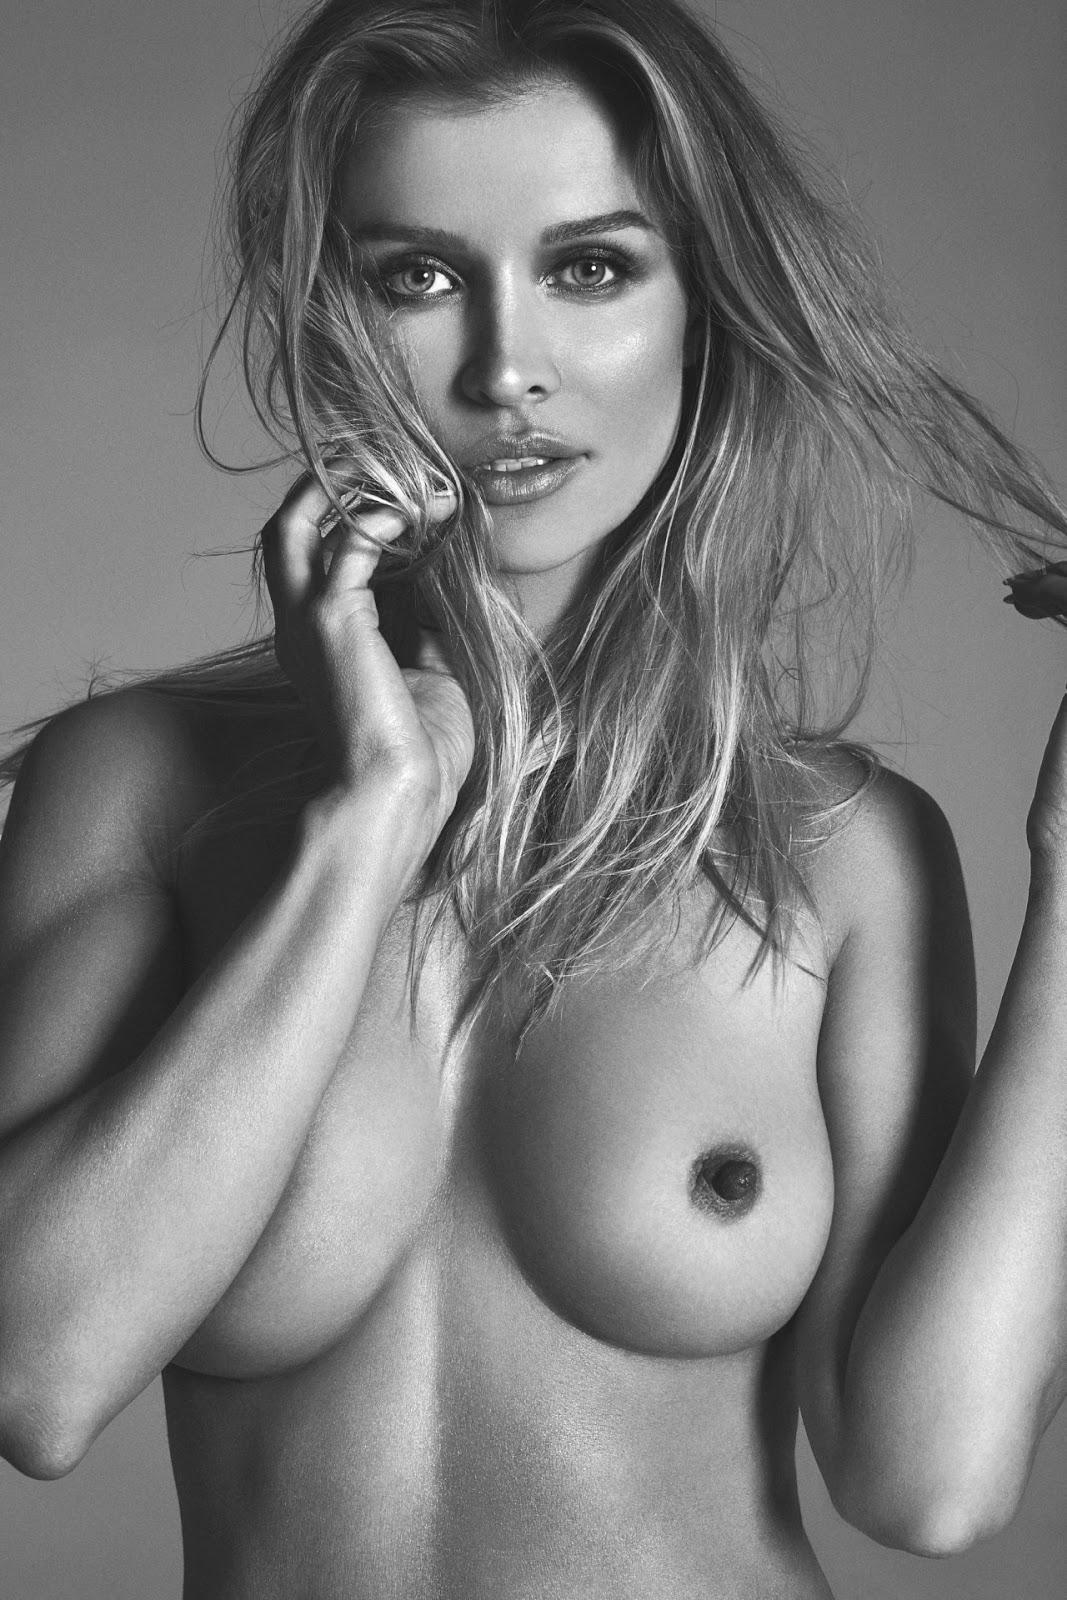 Easier tell, Joanna krupa topless photoshoot consider